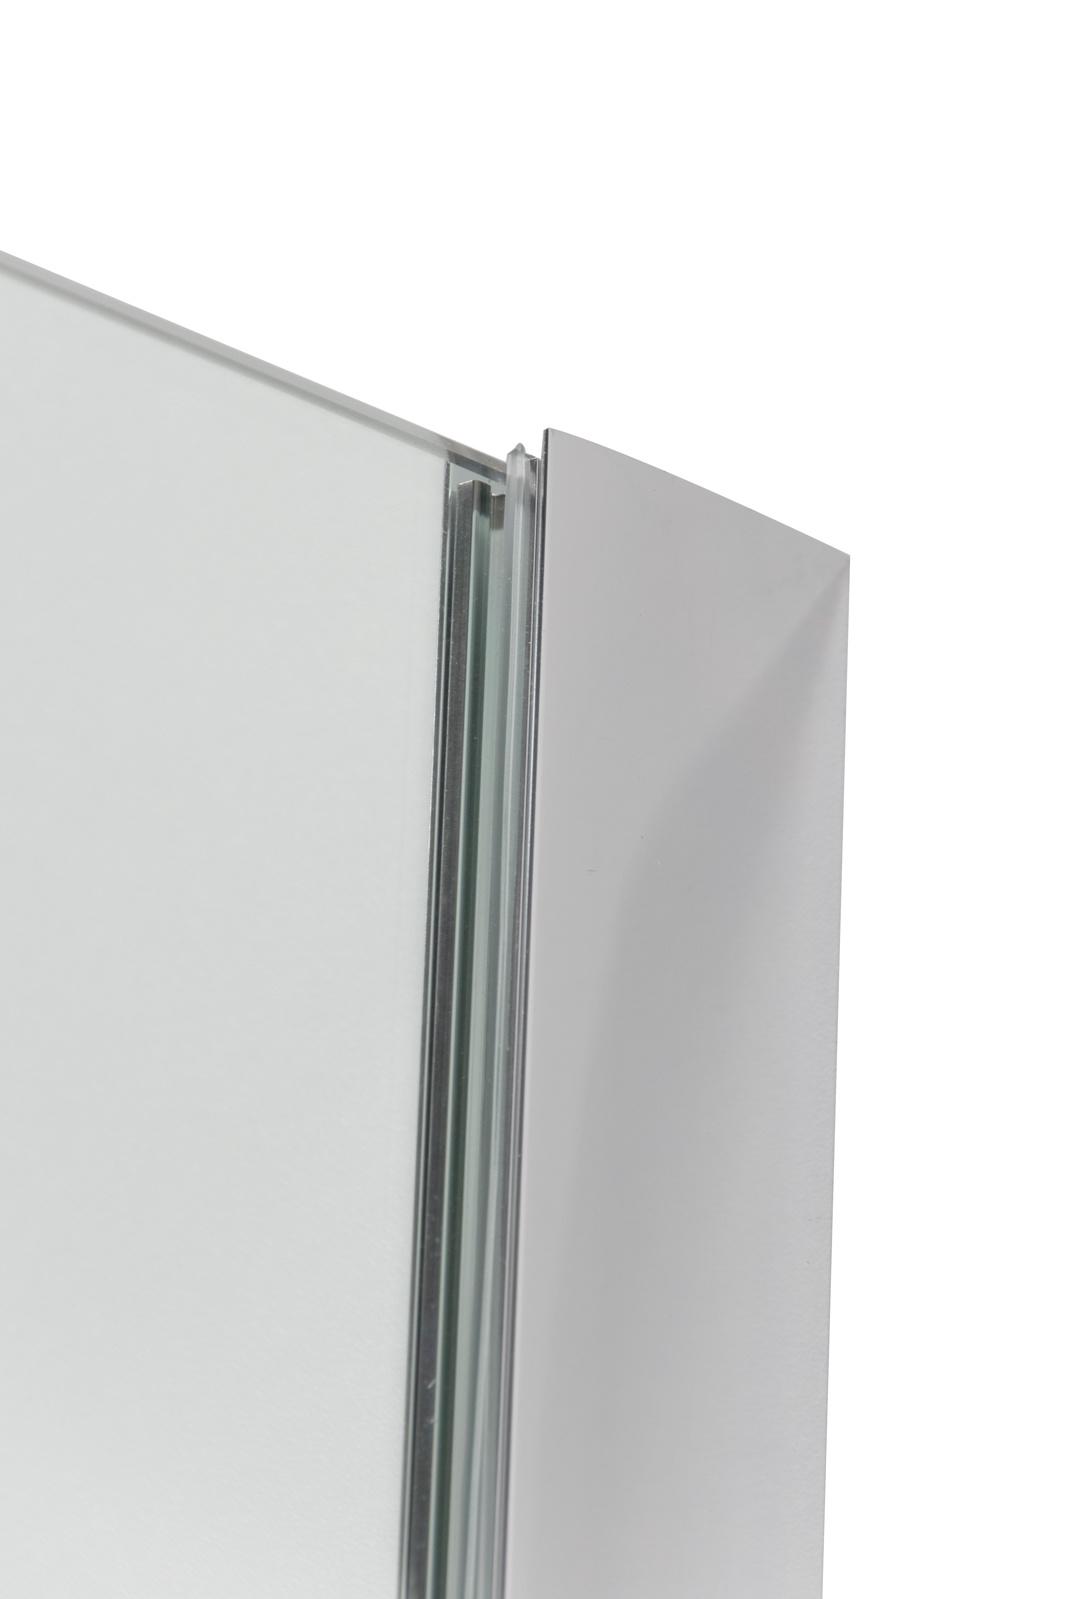 Linea Uno Inloopdouche Göteborg Nano 130 x 200 cm